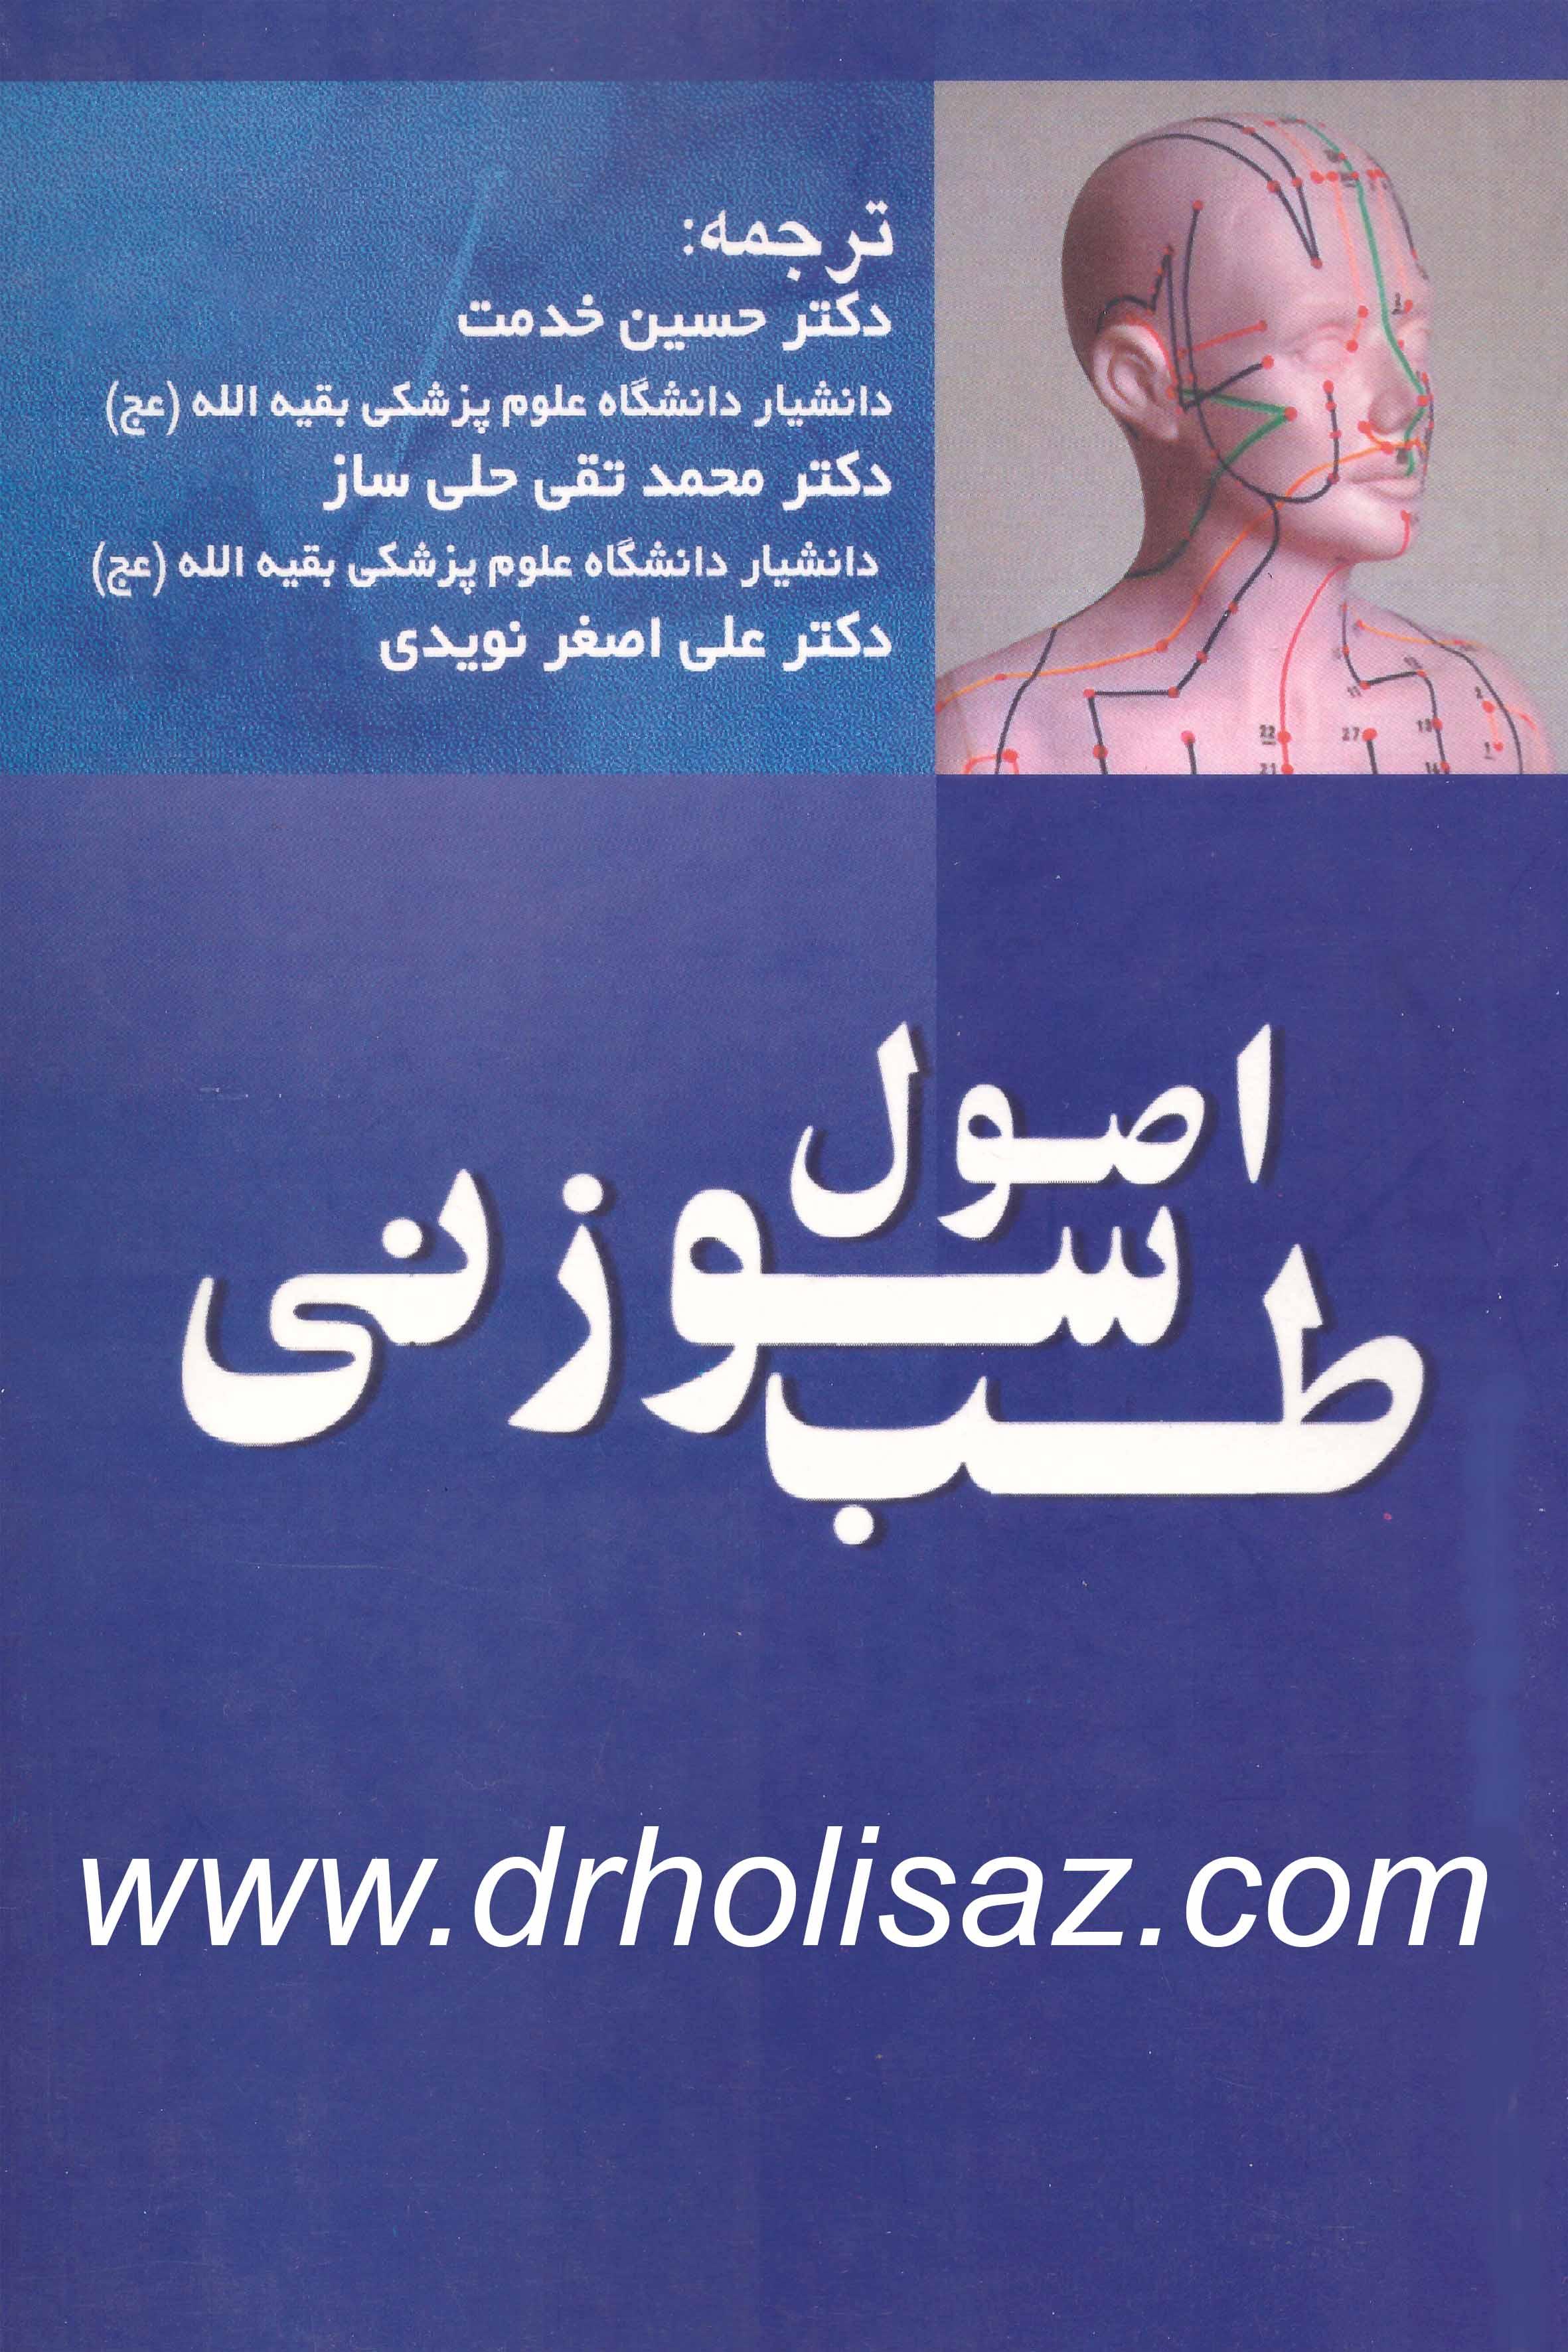 www.drholisaz.com-tebsoozani1